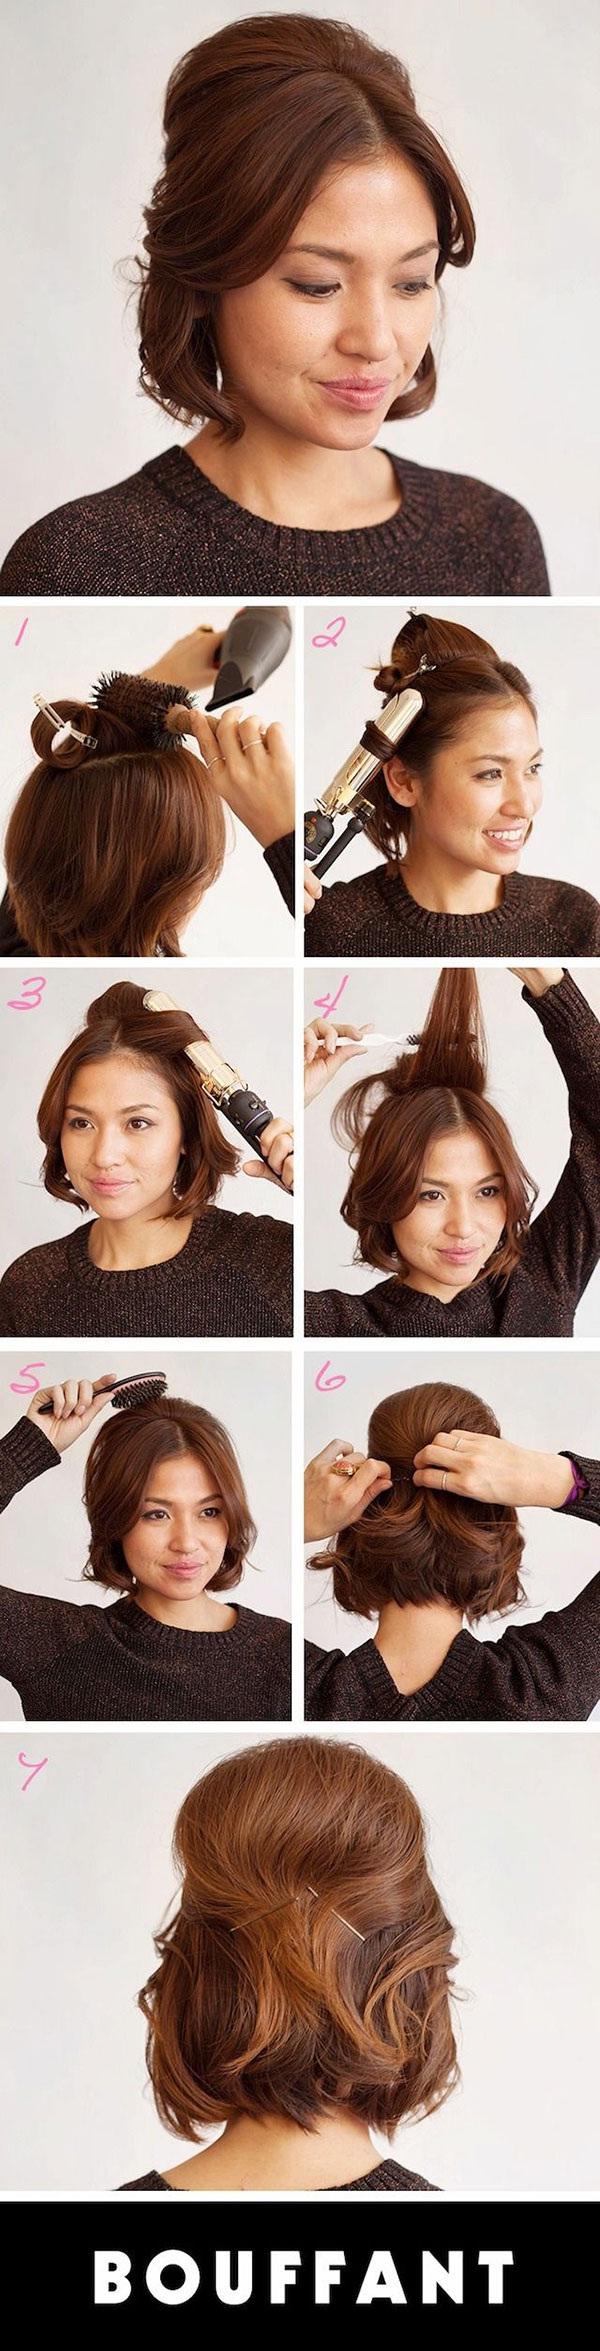 Coiffures-De-5-Minutes-Pour-Vos-Cheveux-Courts-9